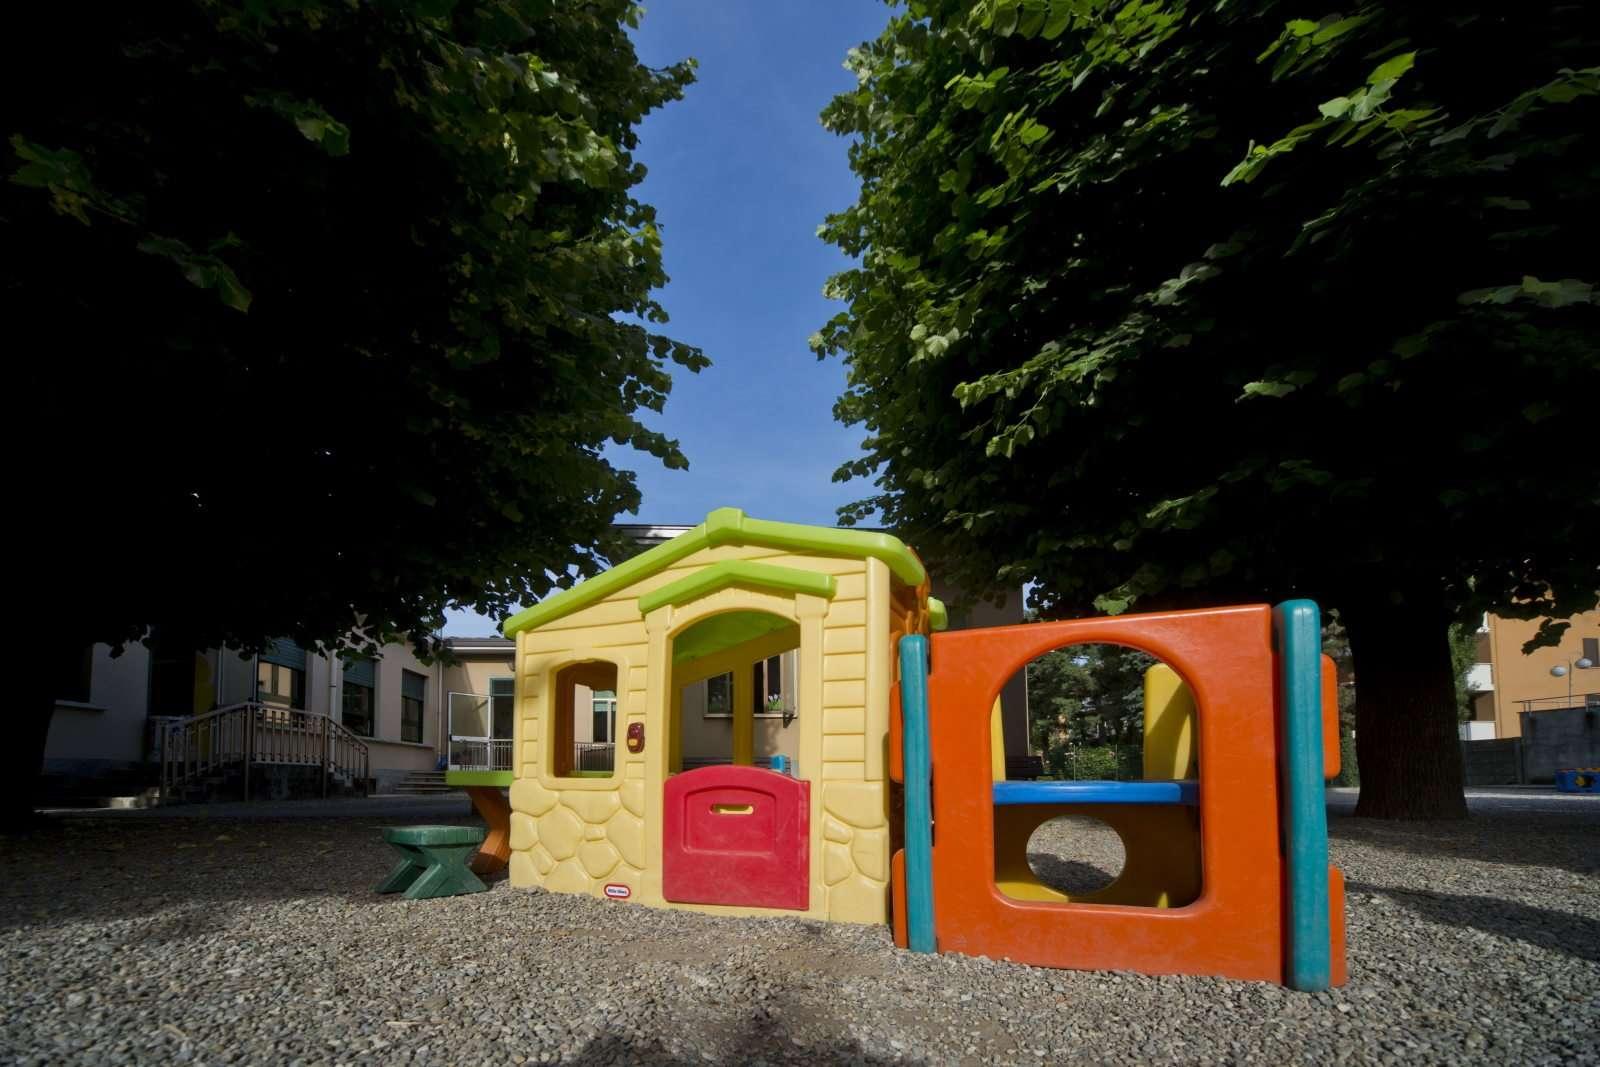 031 D4C 5571 Ridotte - Scuola Materna Peschiera Borromeo